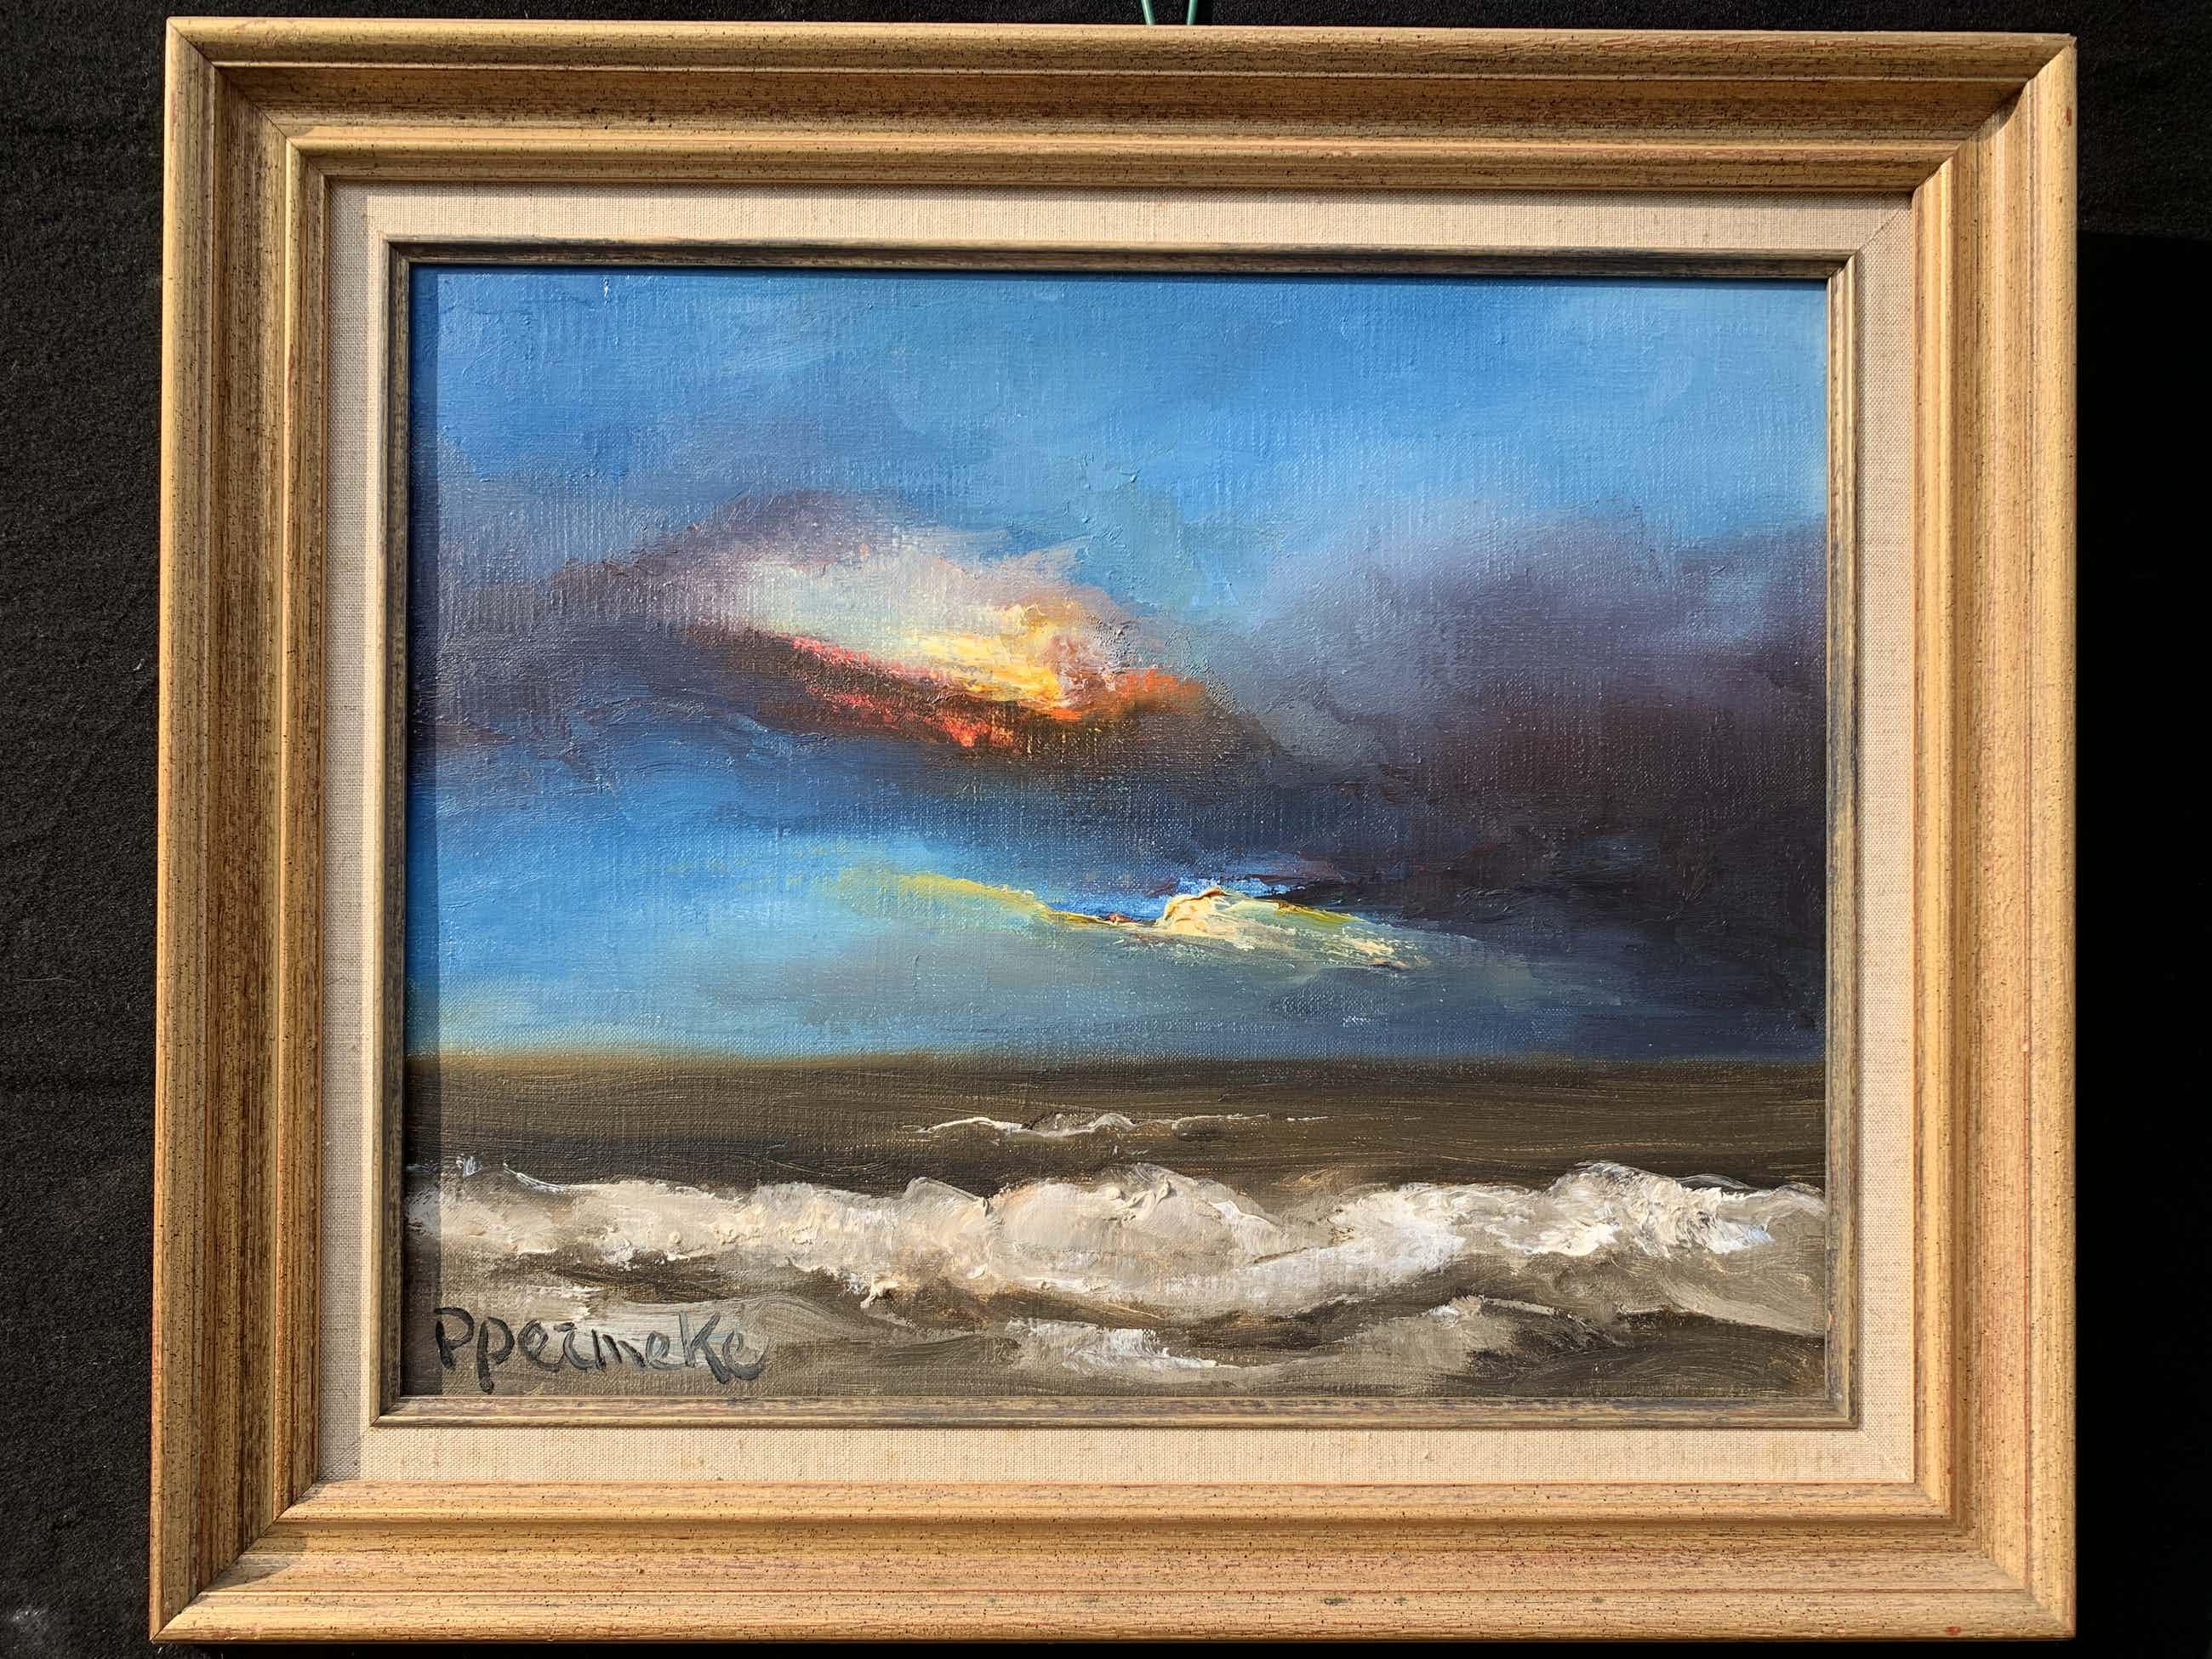 Paul Permeke - Olieverf schilderij: onweer over zee kopen? Bied vanaf 650!